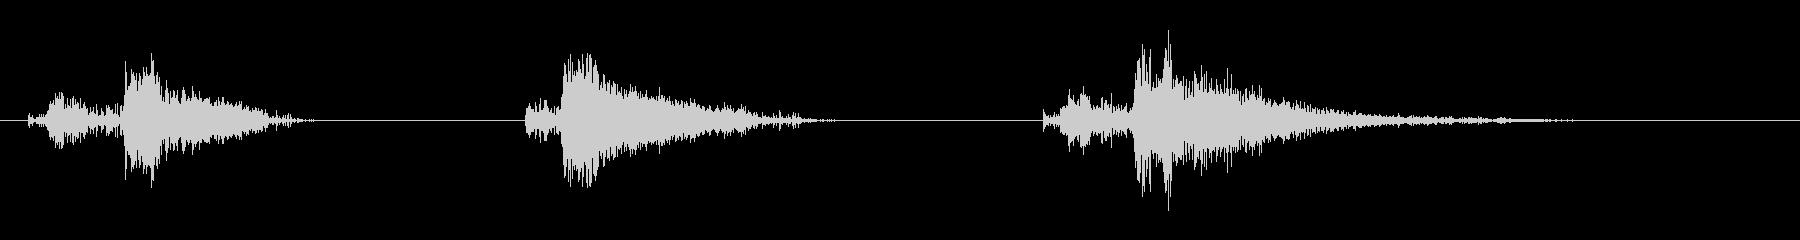 爆発23の未再生の波形